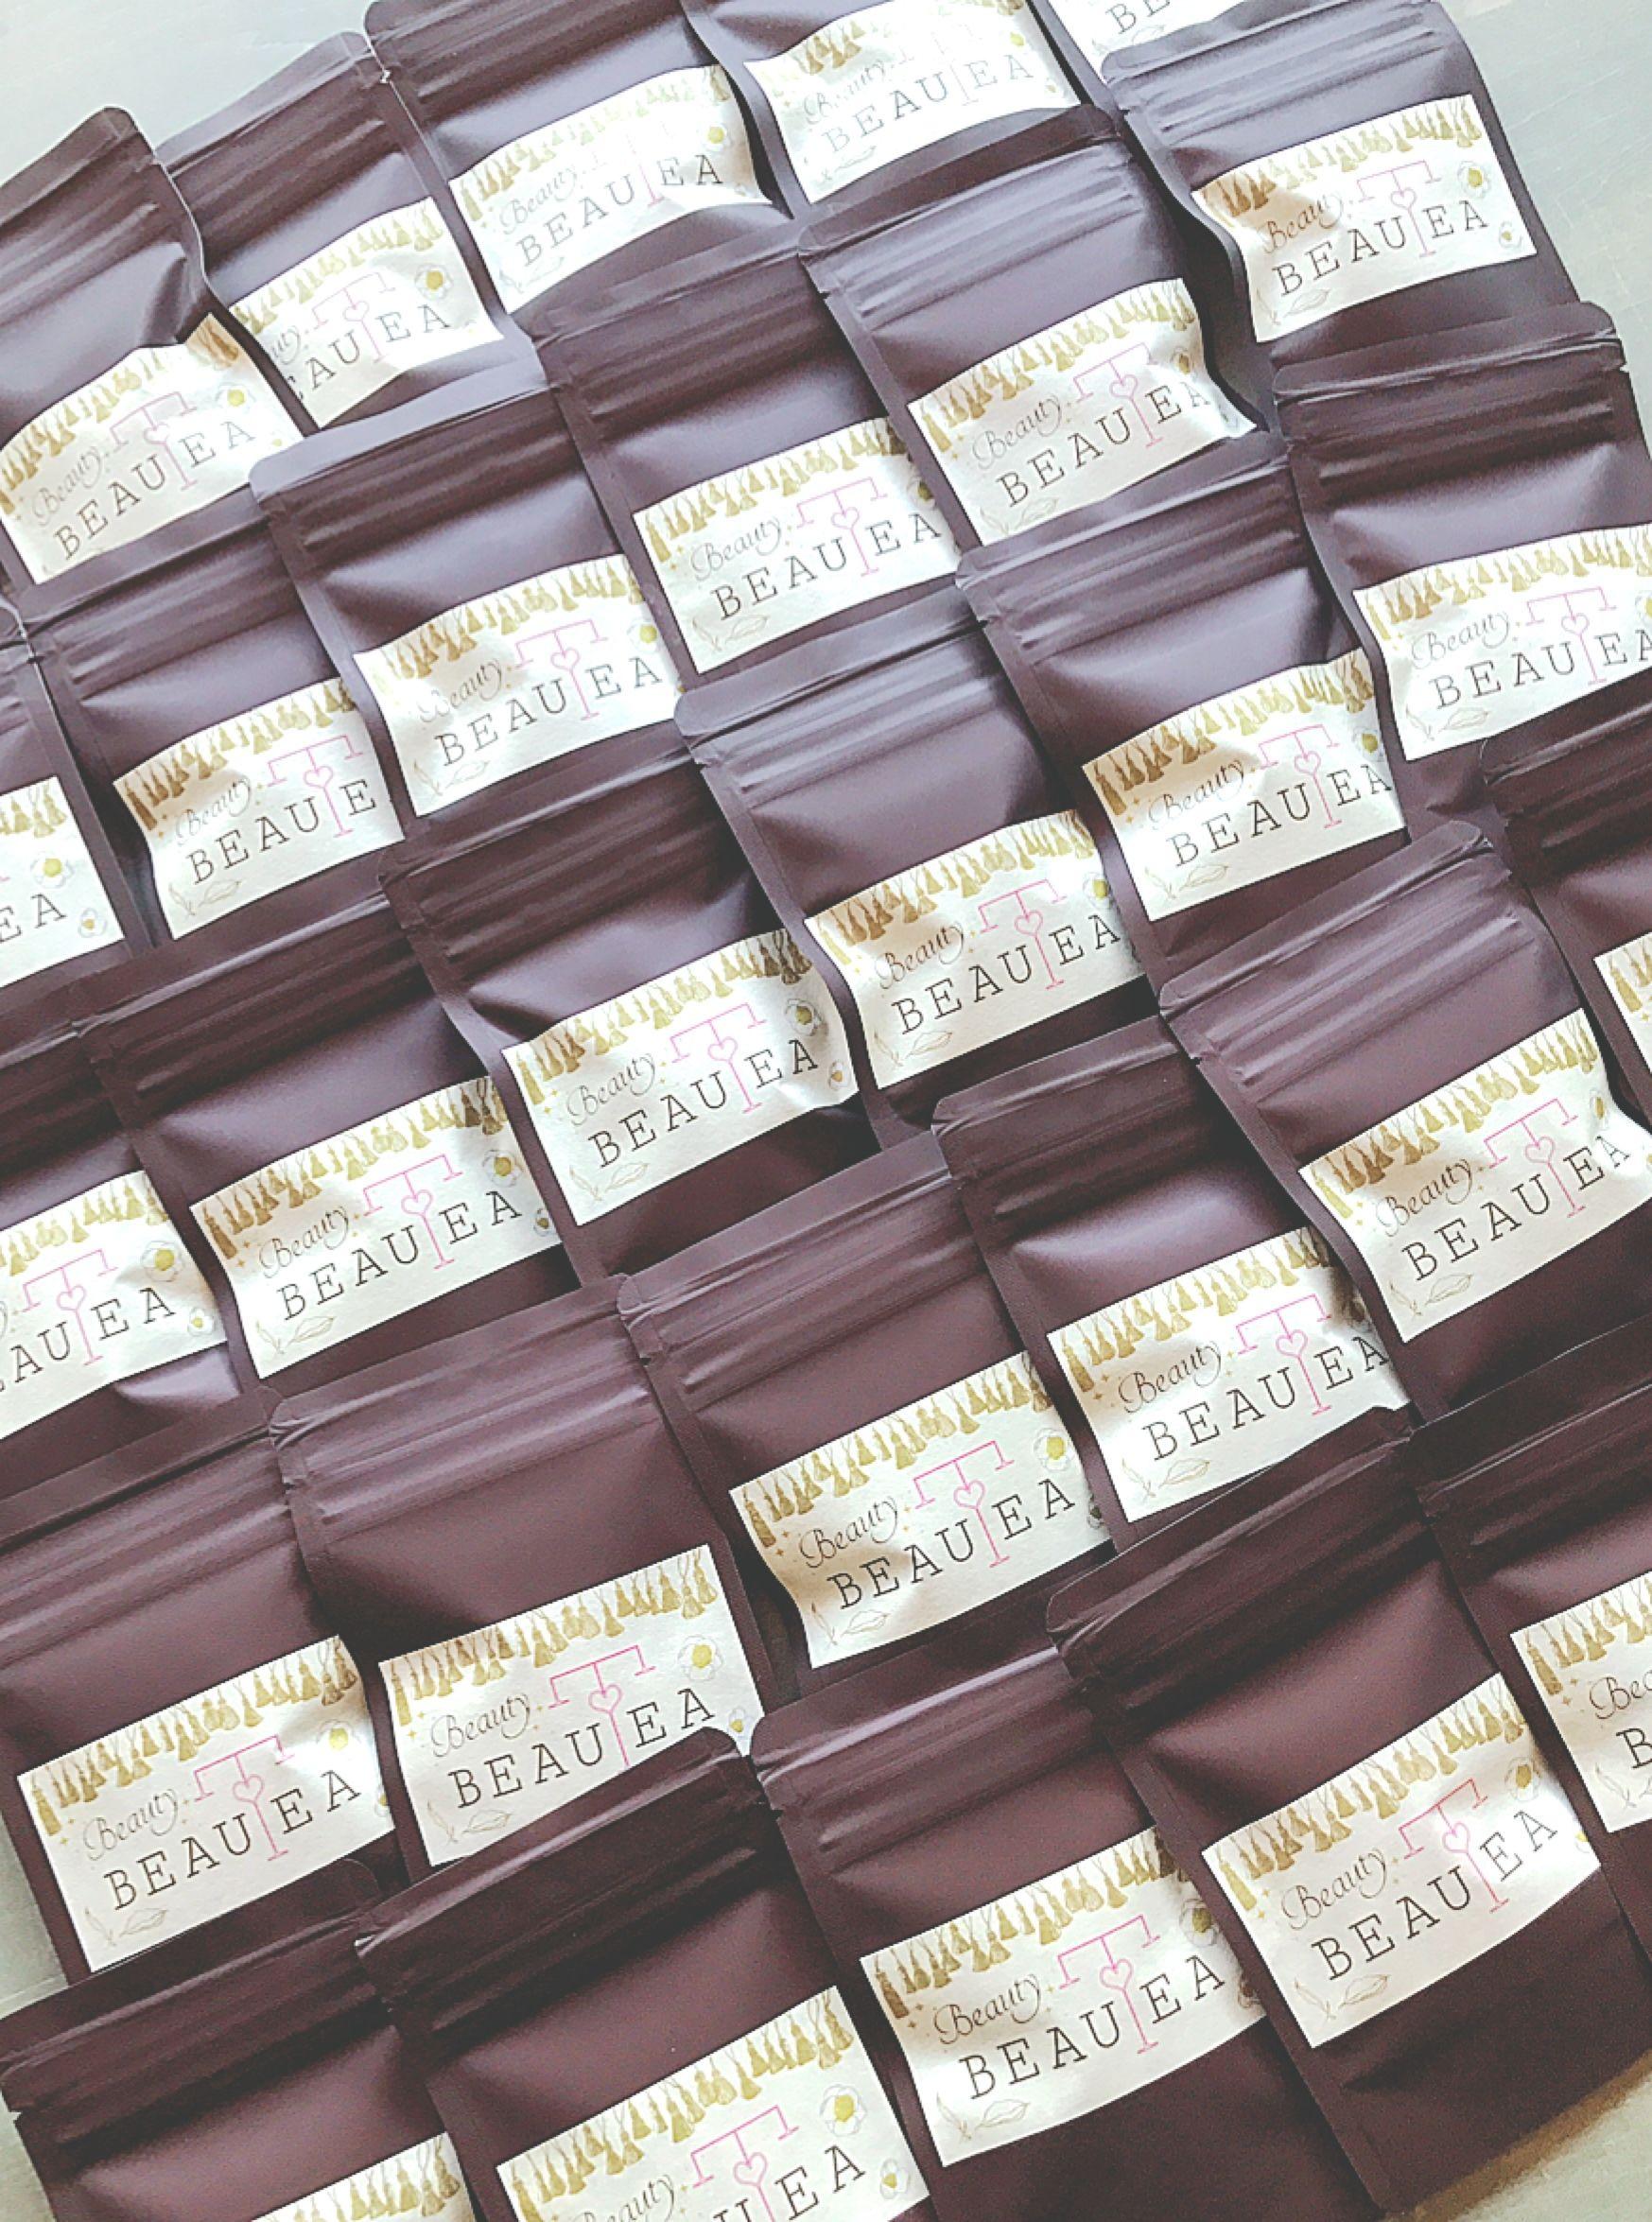 薬膳茶*Beauty BEAUTEAティーバッグ5個入りプチパック(ブラウン) 2点まで郵送 ◆3点以上は宅急便となります